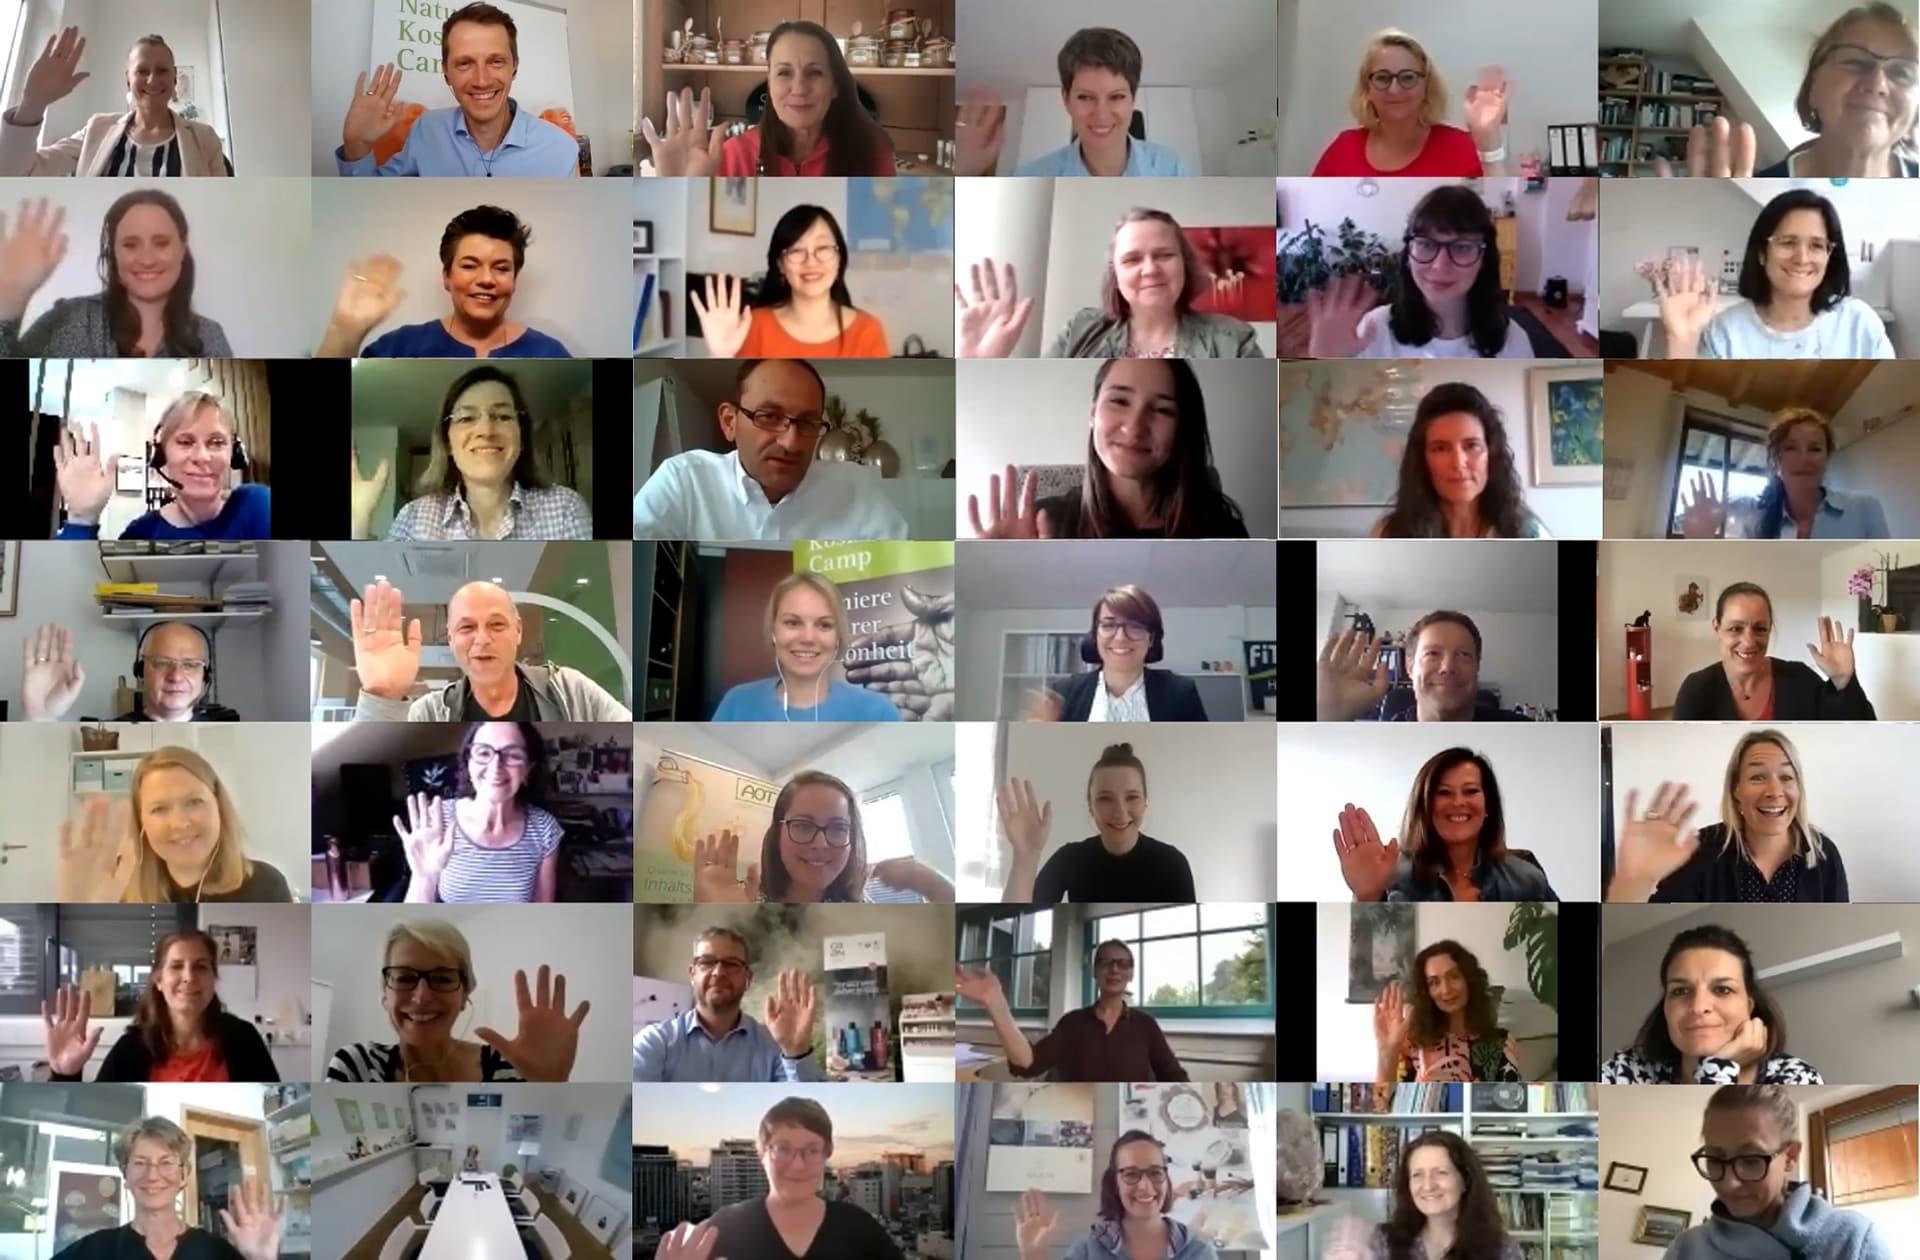 Gruppenfoto NaturkosmetikCamp 2020